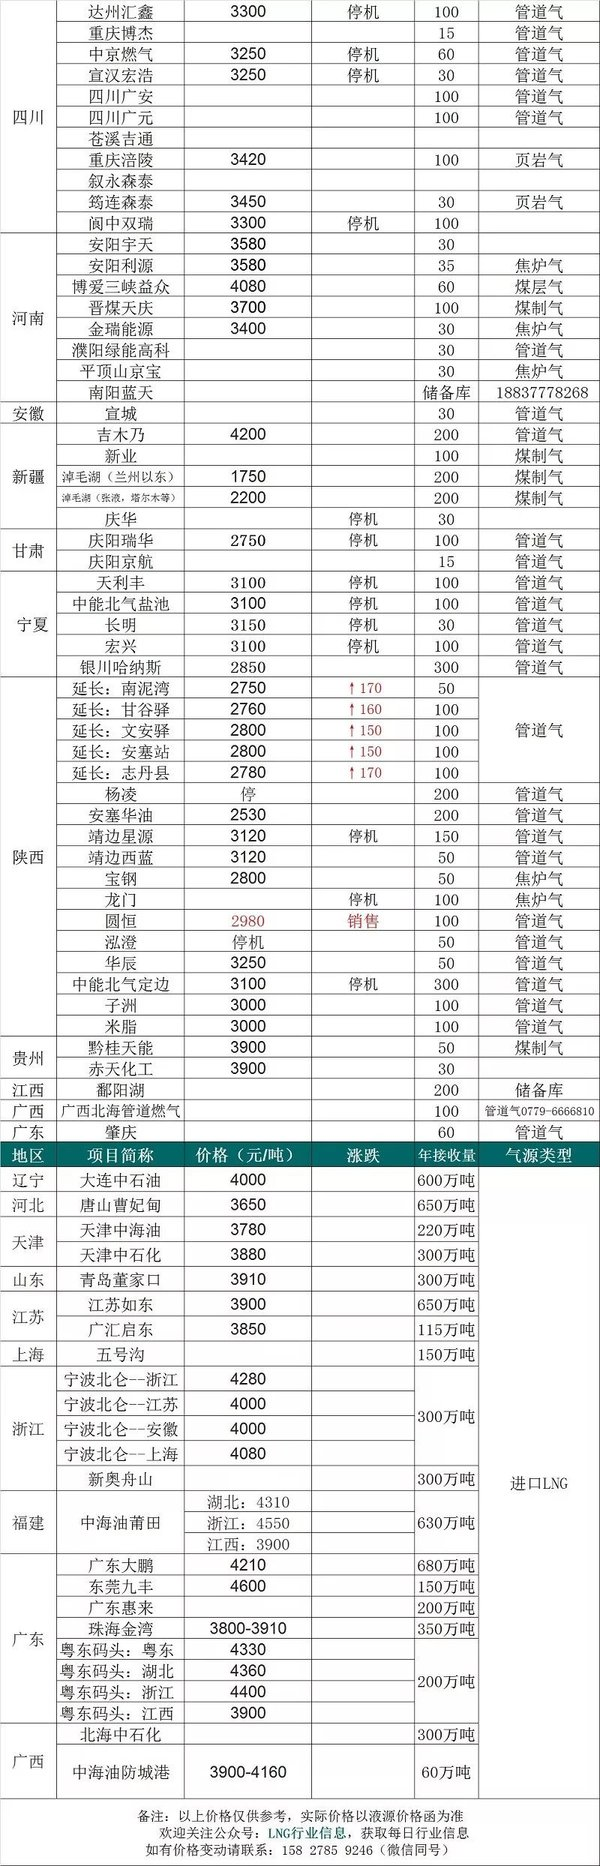 【2020年2月14日】LNG价格信息需求降速